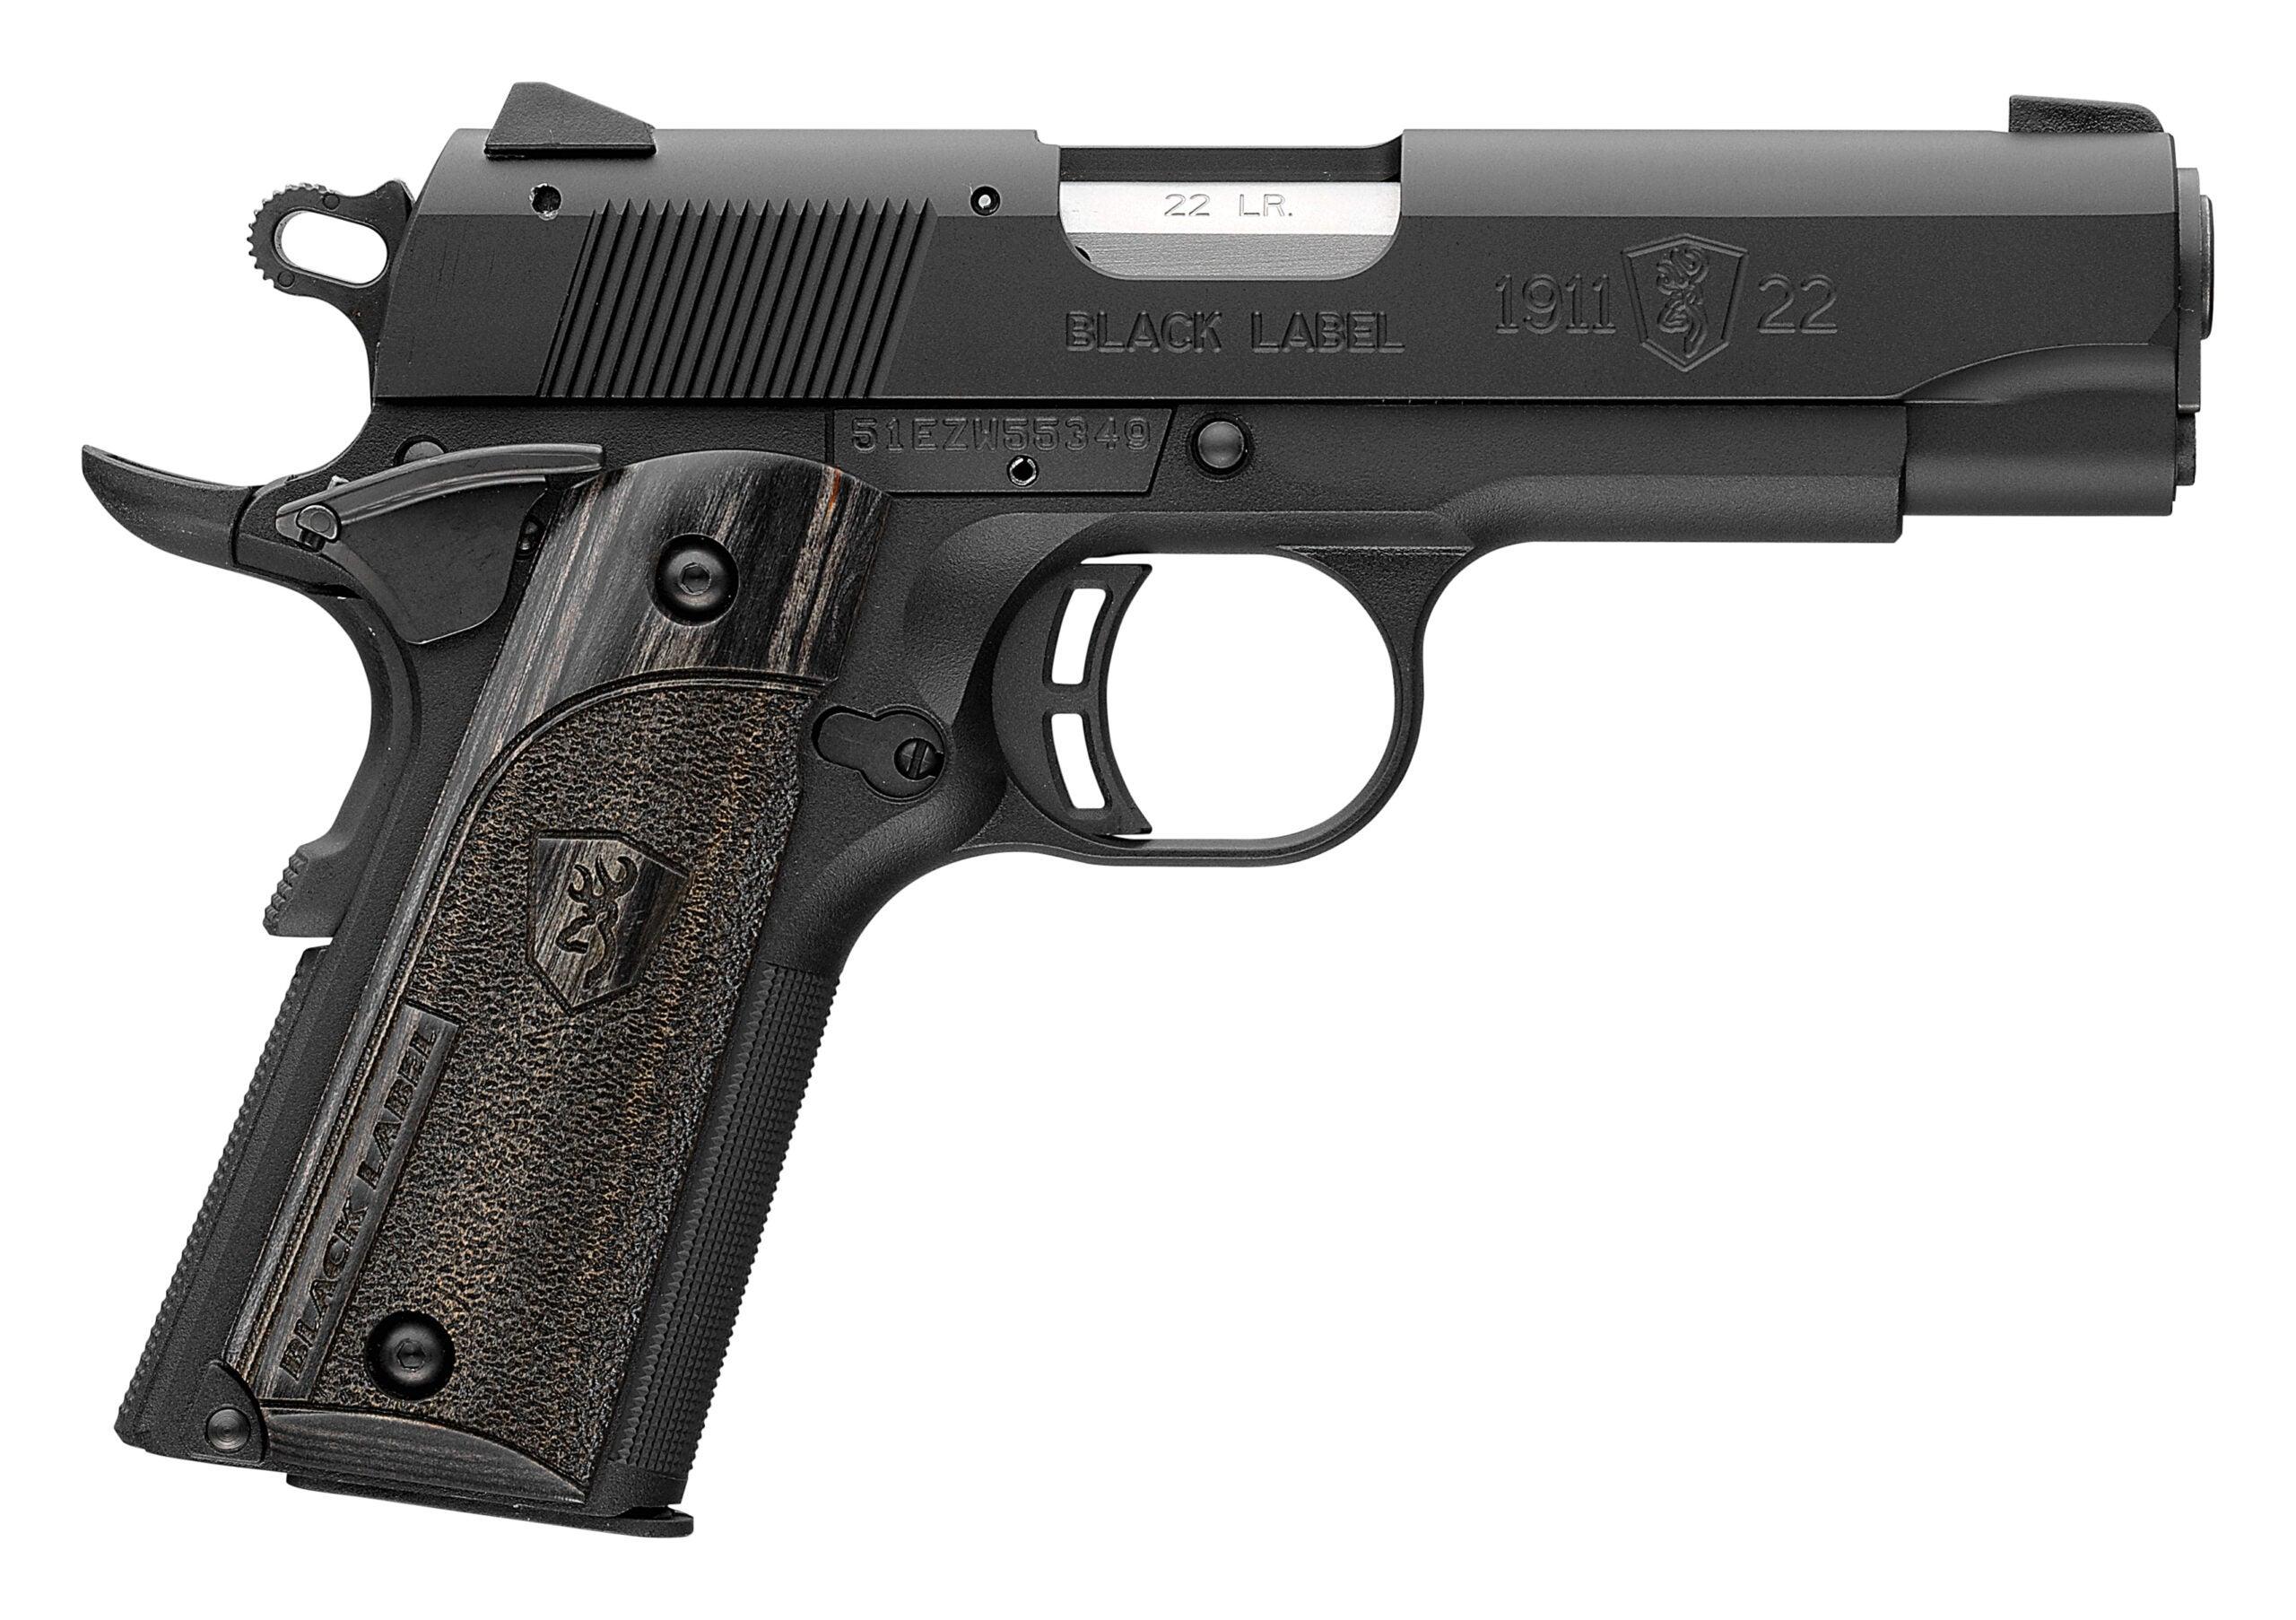 Browning 1911-22 handgun